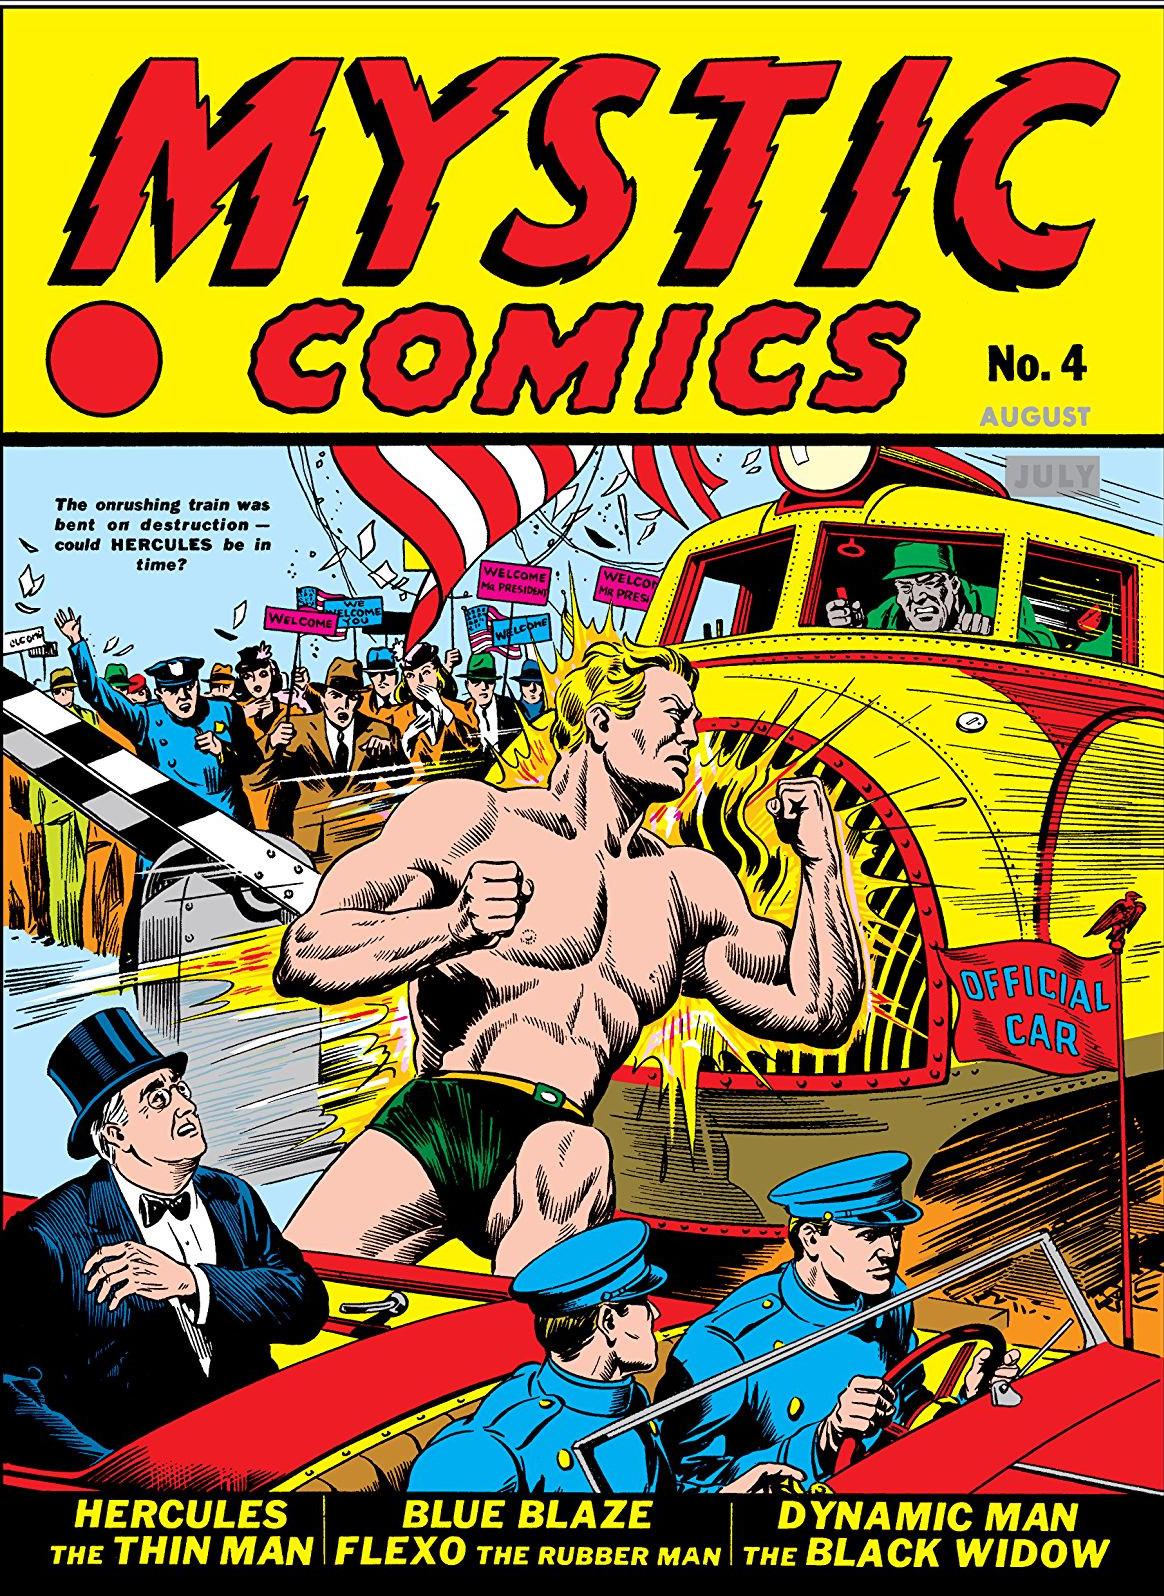 """Résultat de recherche d'images pour """"Mystic comics 4 marvel 1940"""""""